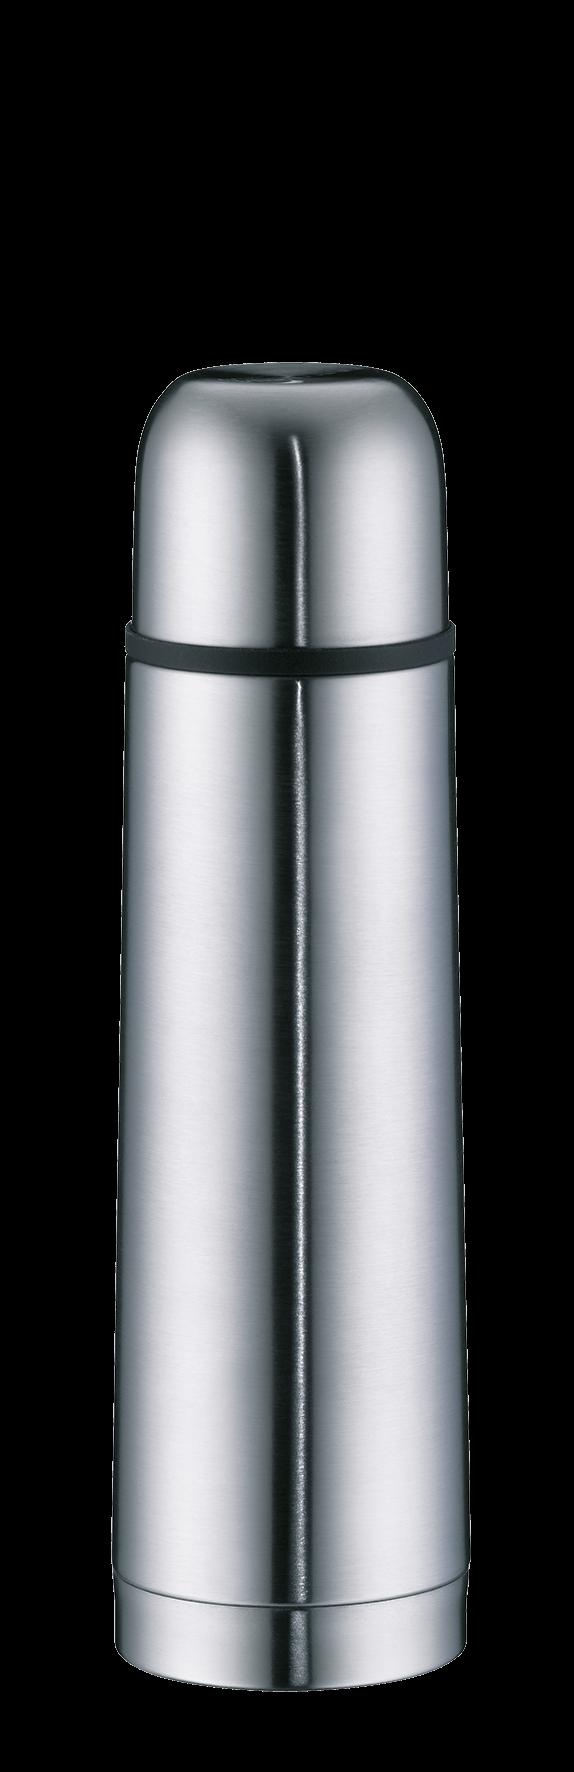 Alfi-Isotherm-Eco-0-5-L